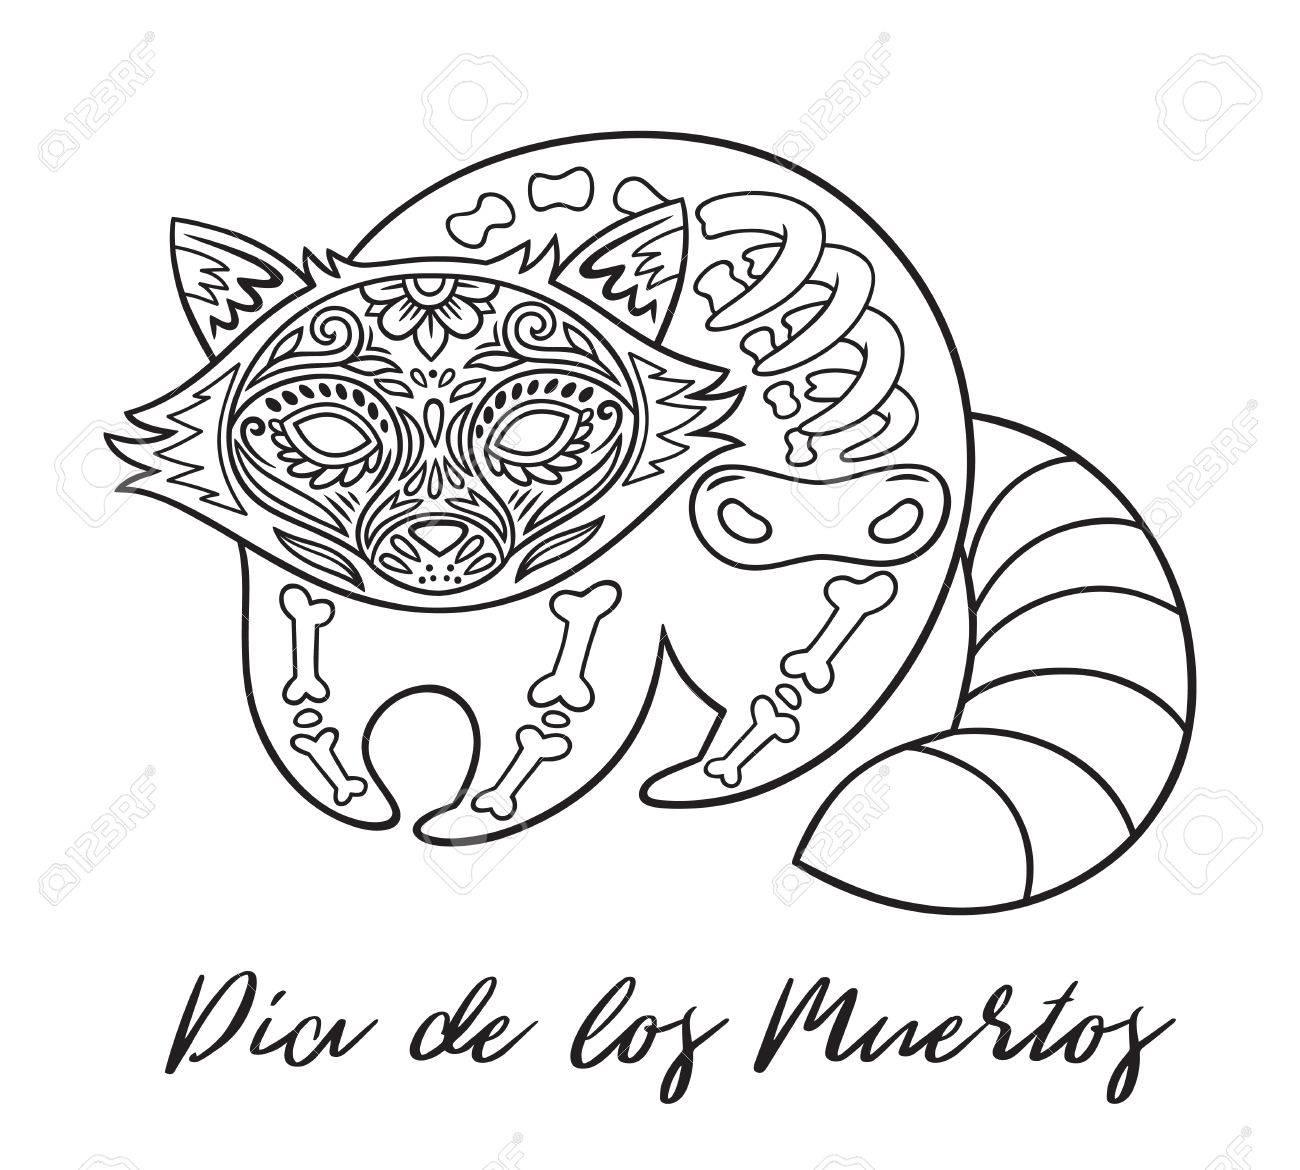 Waschbär Zucker Mexikanischen Schädel. Vektor-Illustration ...